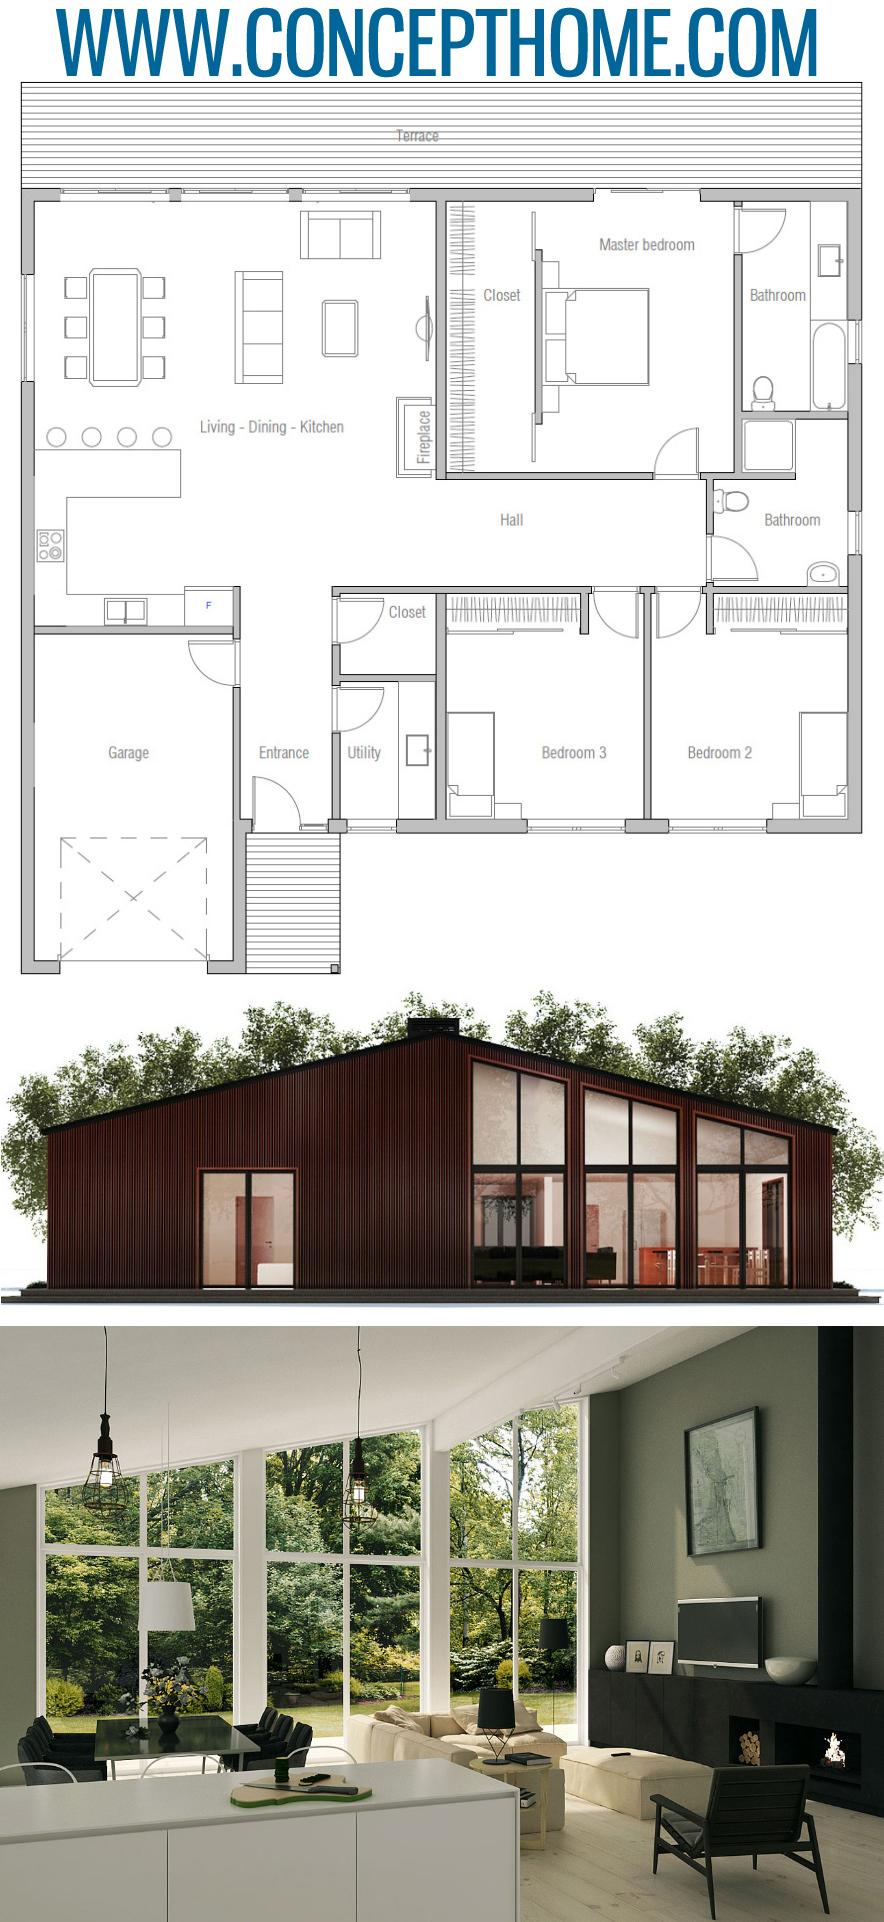 Plan De Maison Ch371 Small House Plans House Plans Dream House Plans